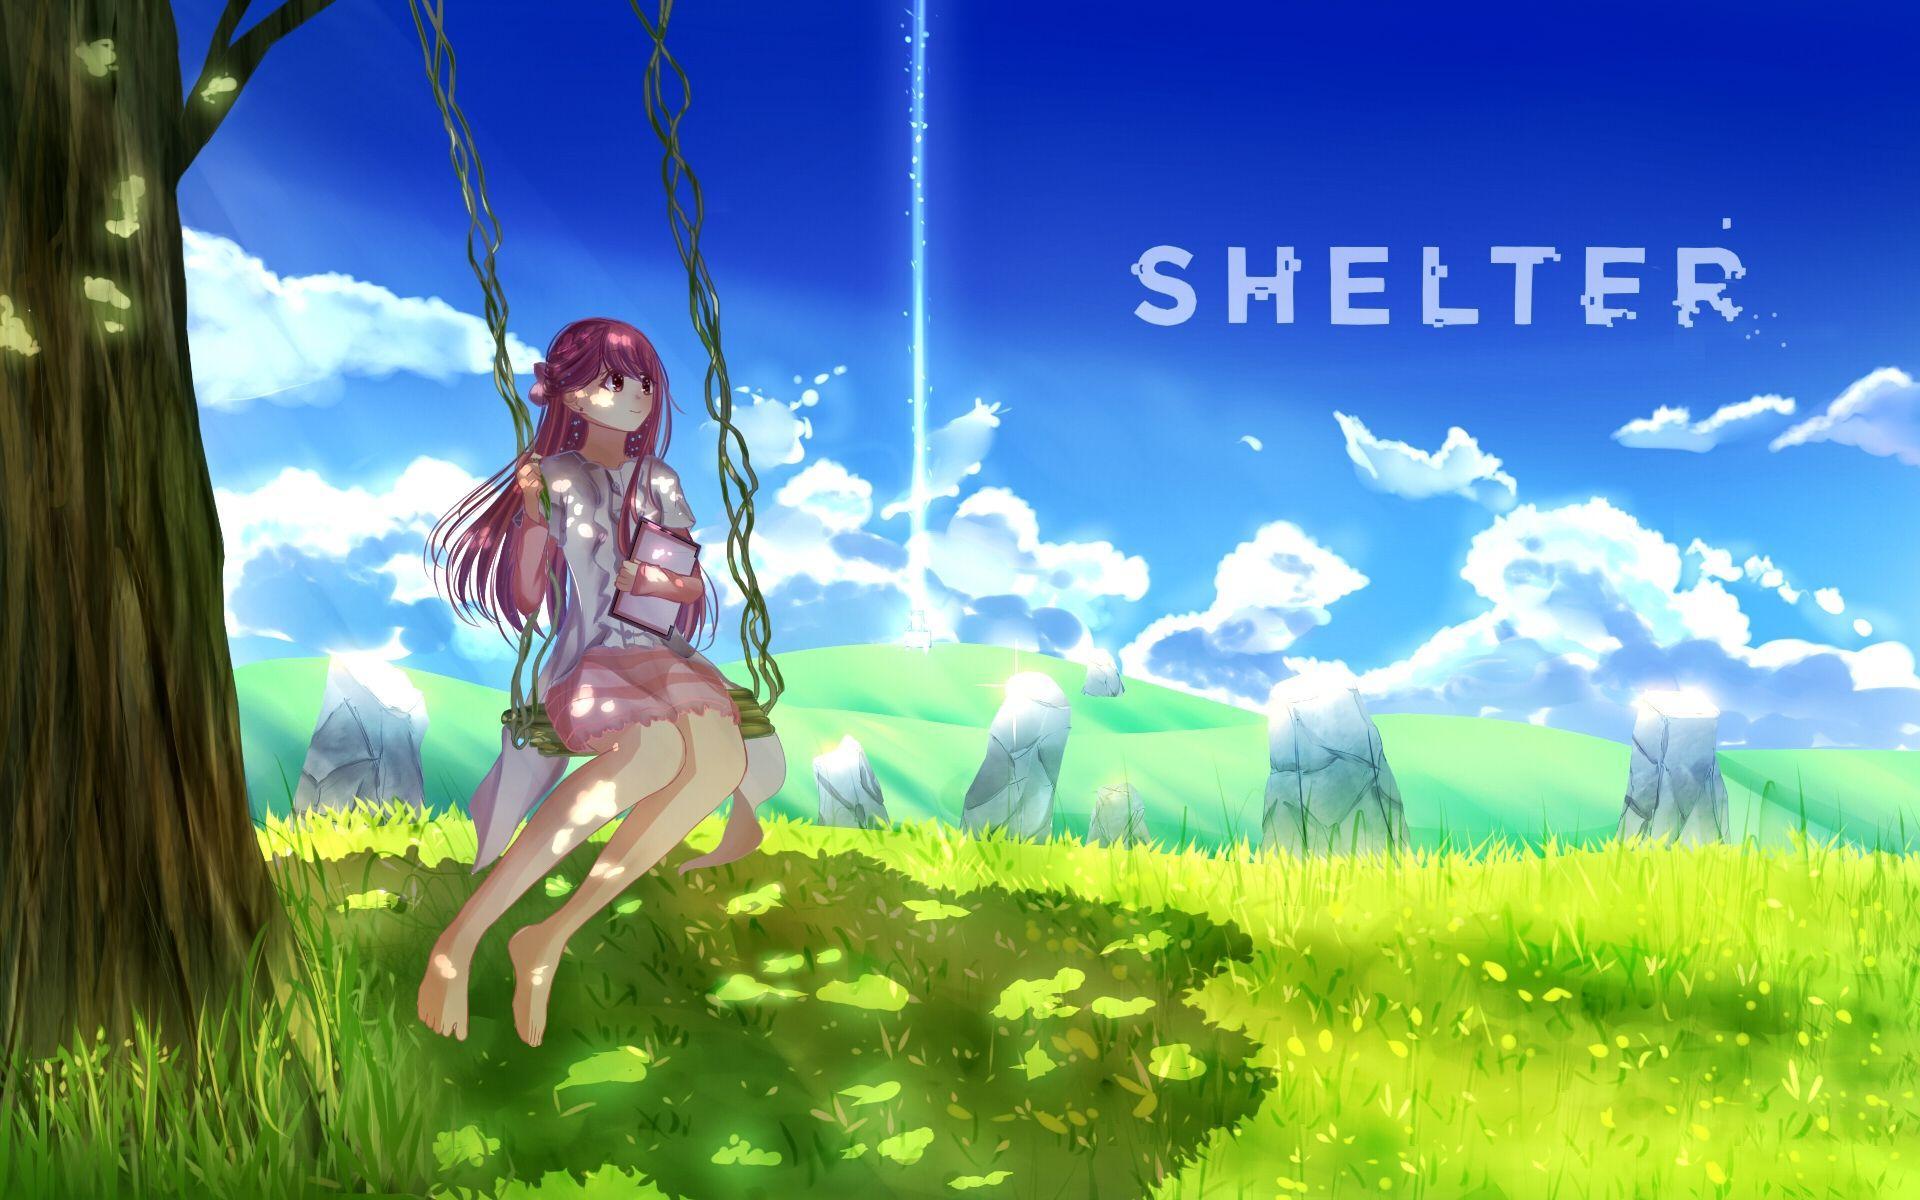 refuge shelters